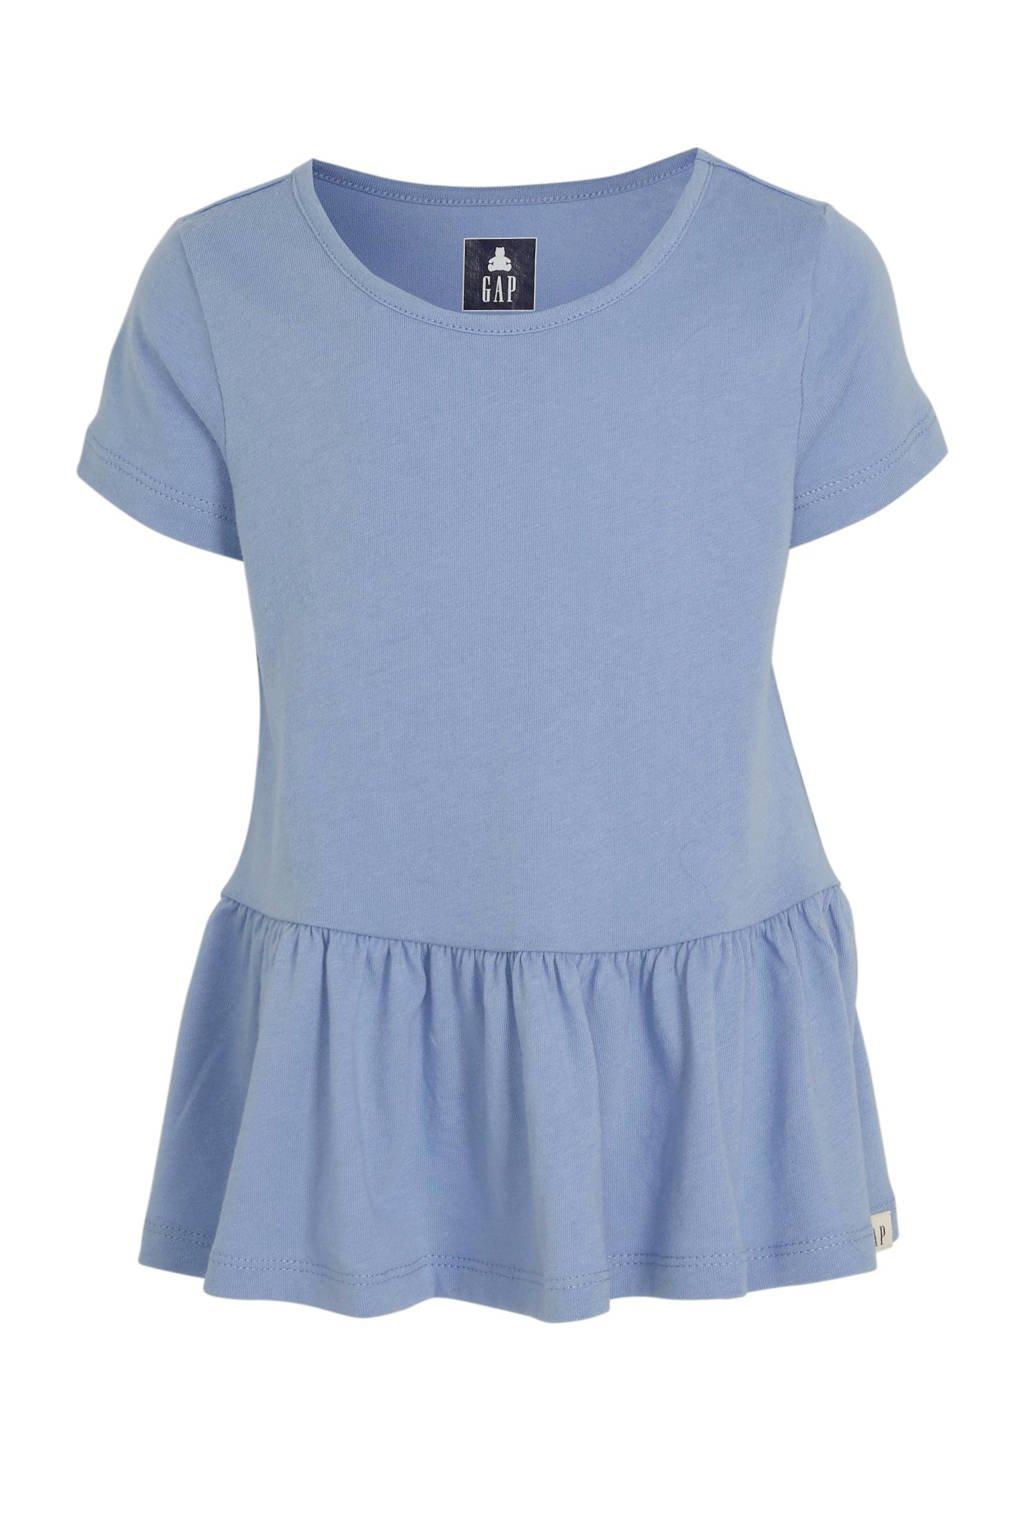 GAP jersey jurk met plooien lichtblauw, Lichtblauw